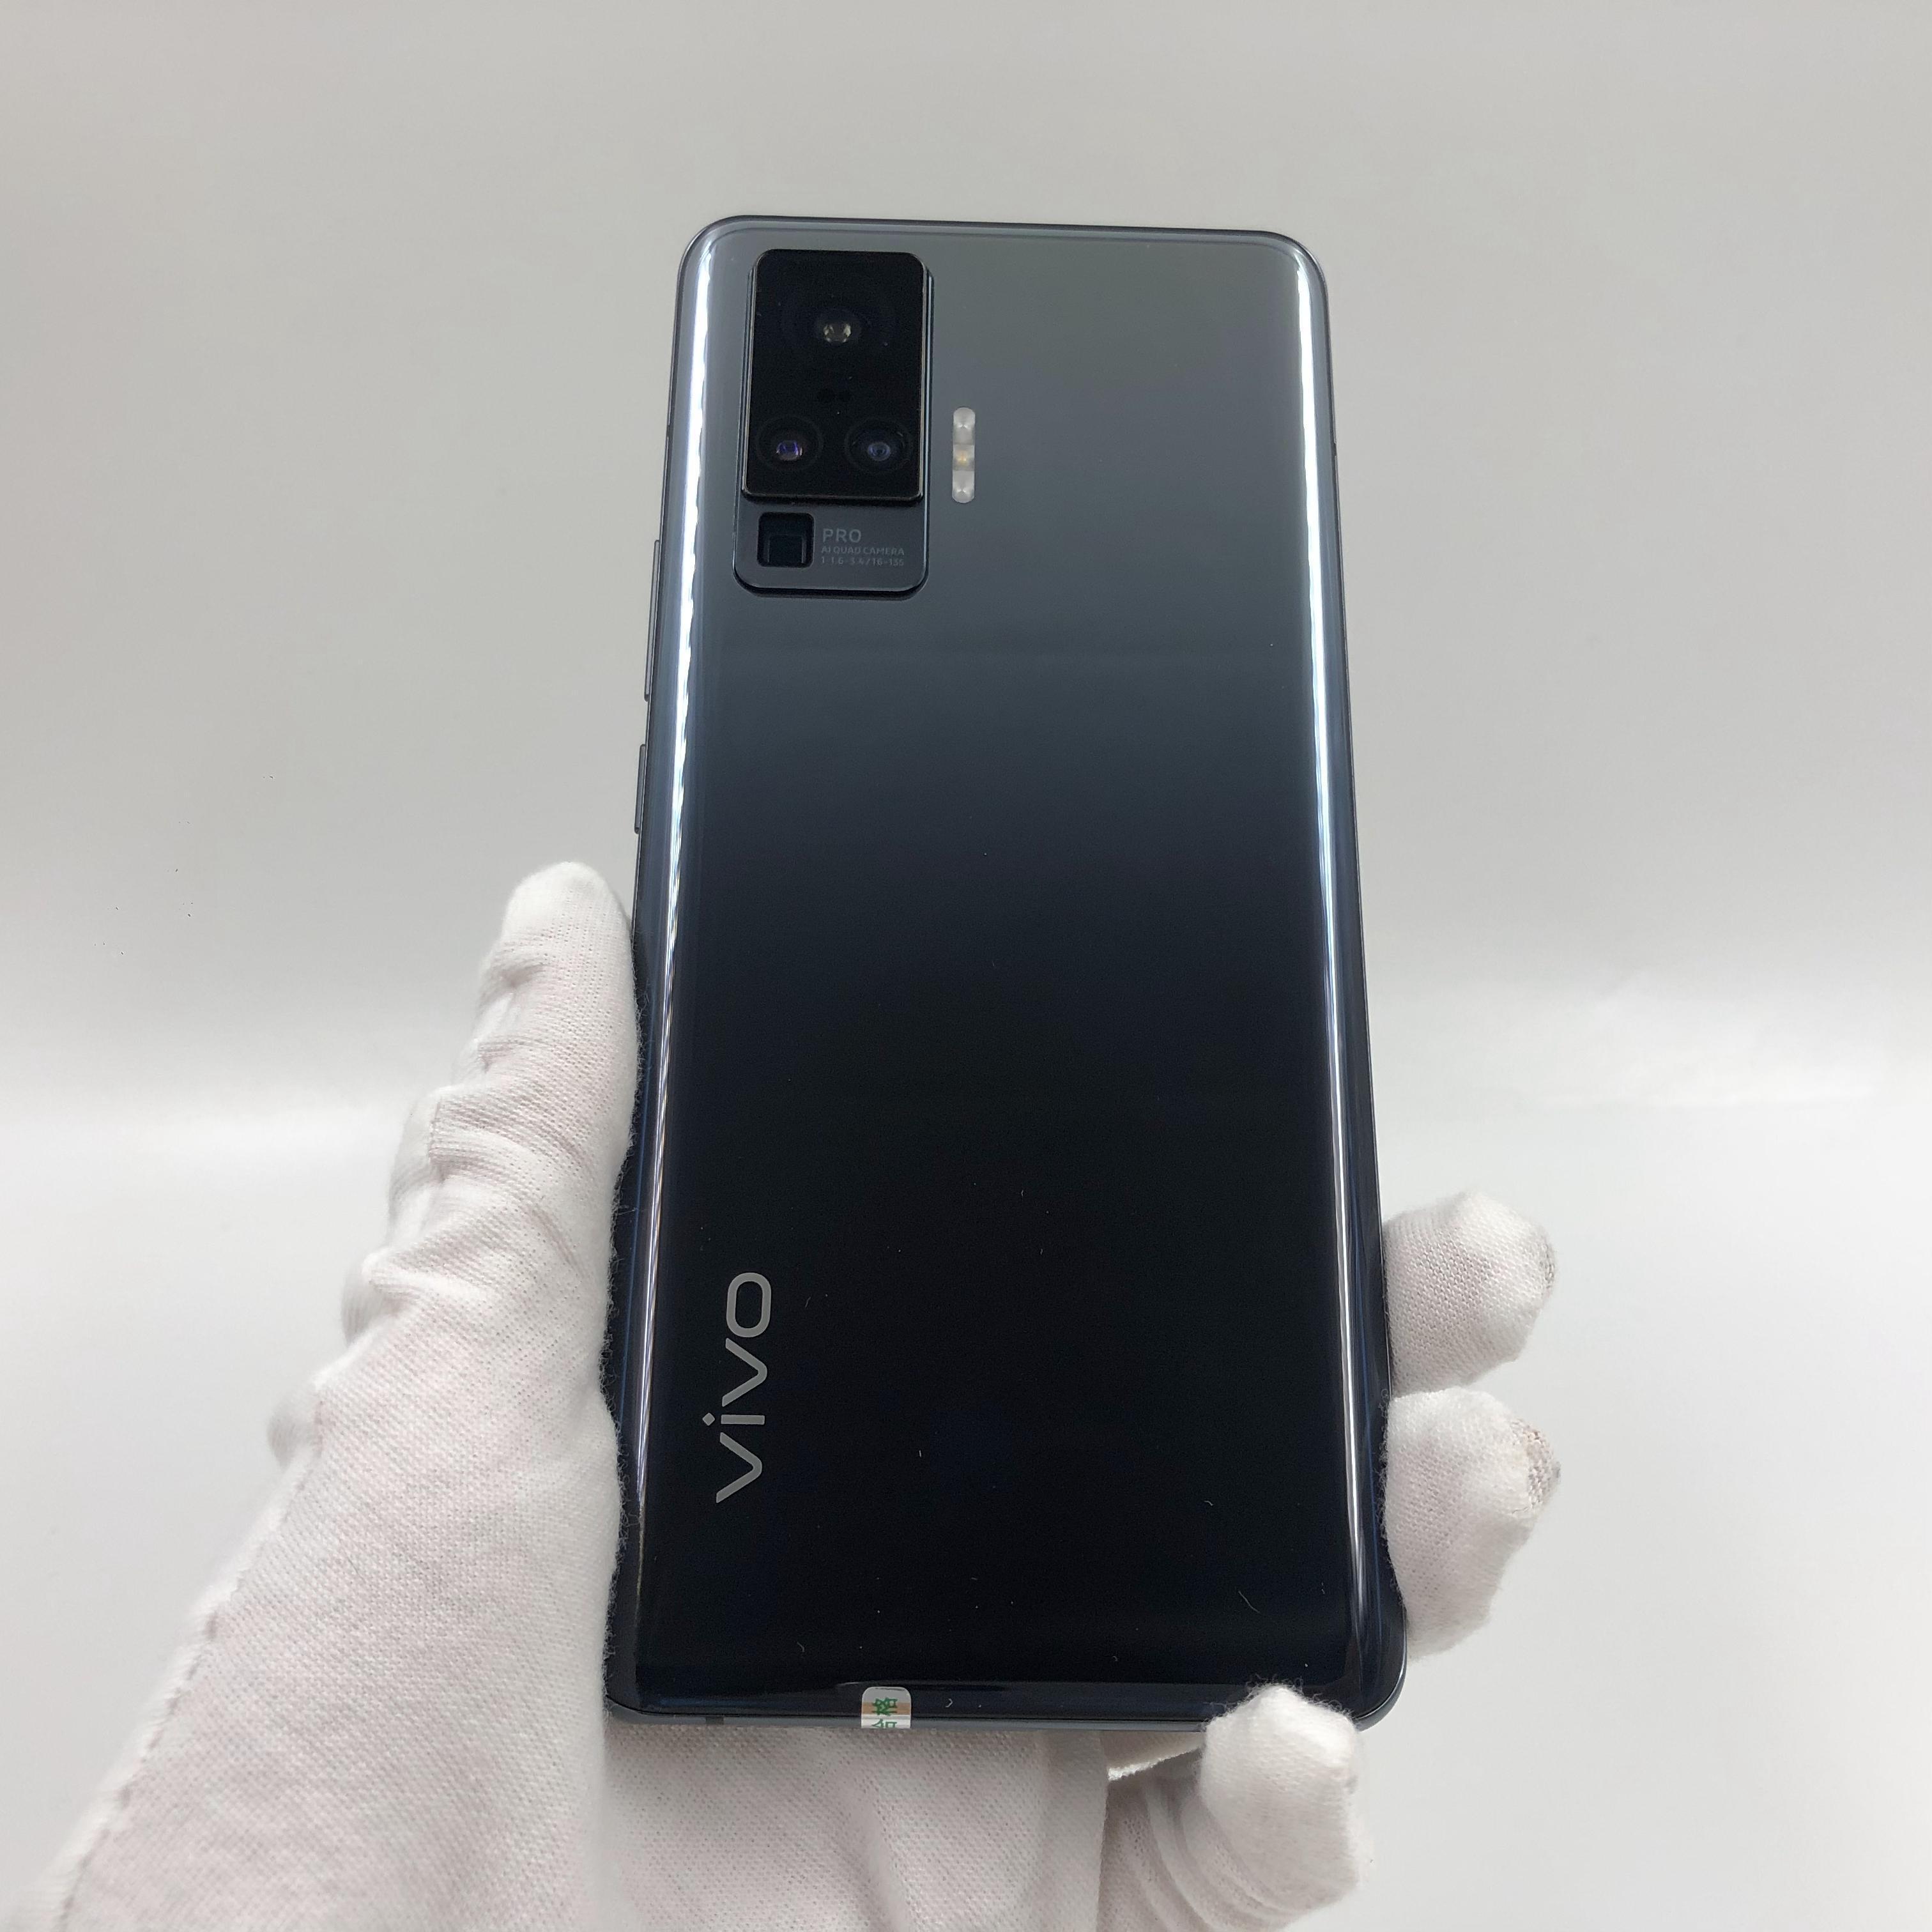 vivo【X50 Pro 5G】5G全网通 黑镜 8G/128G 国行 9成新 真机实拍